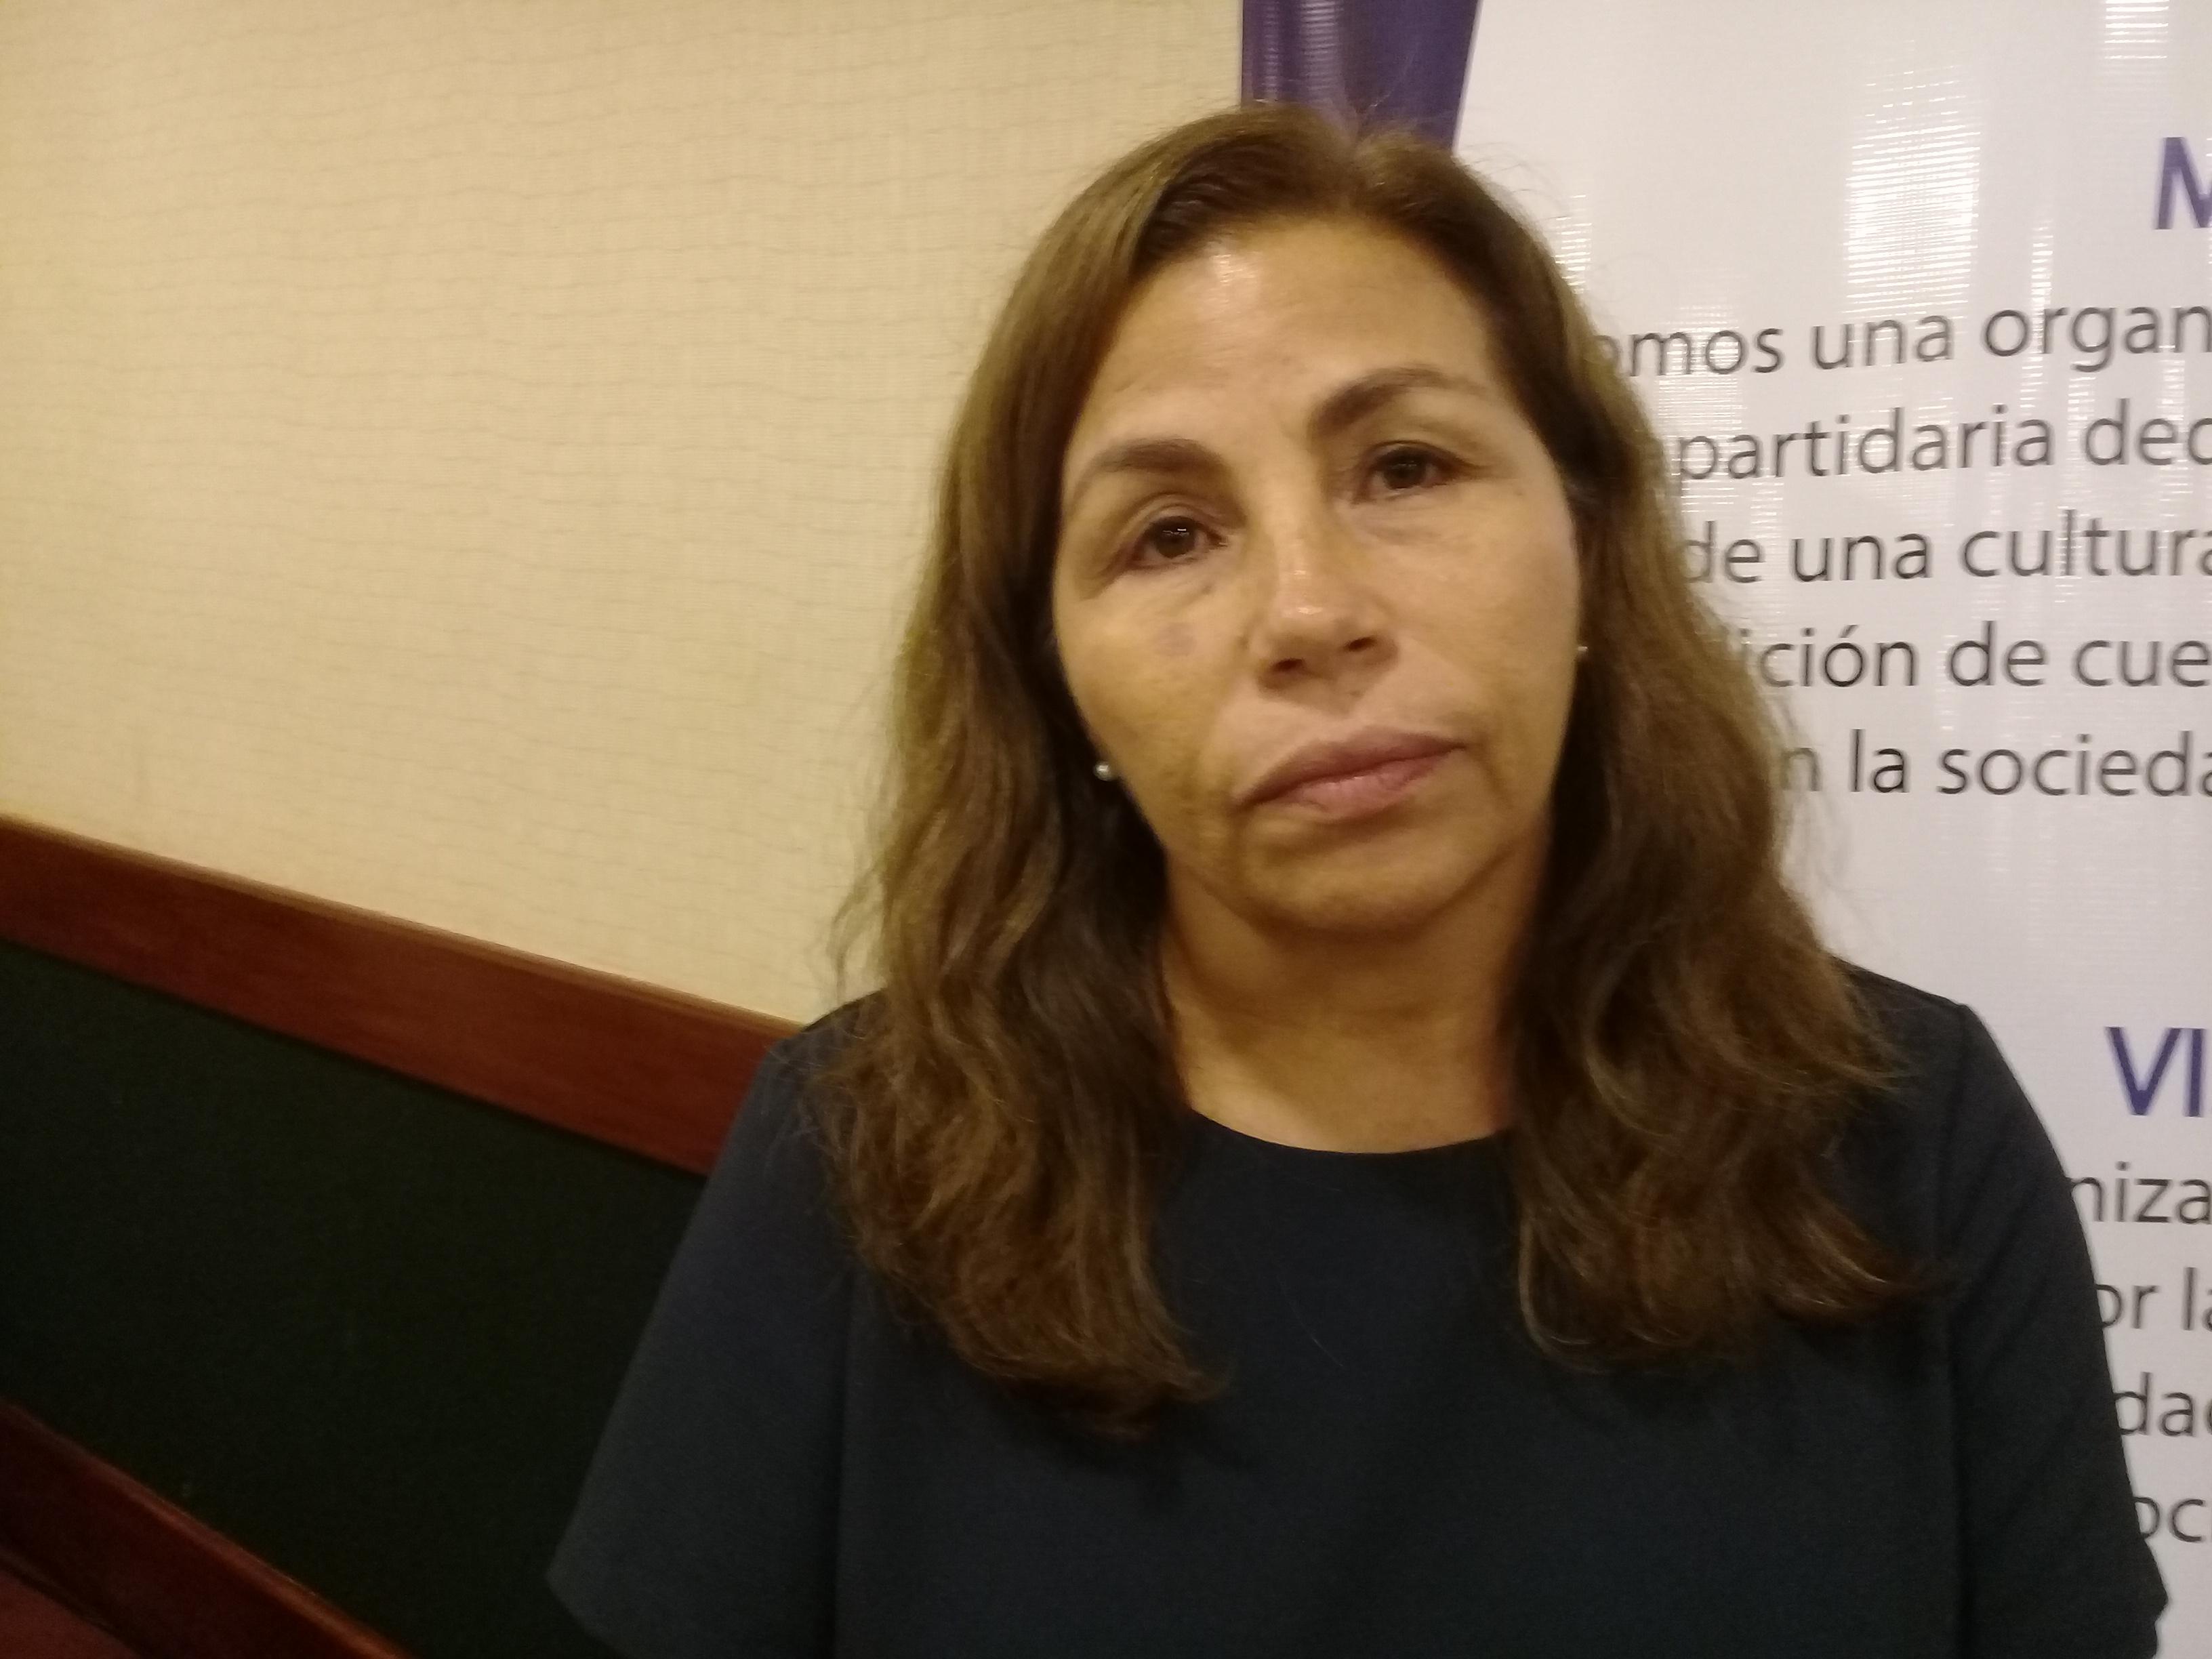 Haydee Castillo, representante del Movimiento de Mujeres Segovianas. Fotografía: Artículo66/Abixael MG